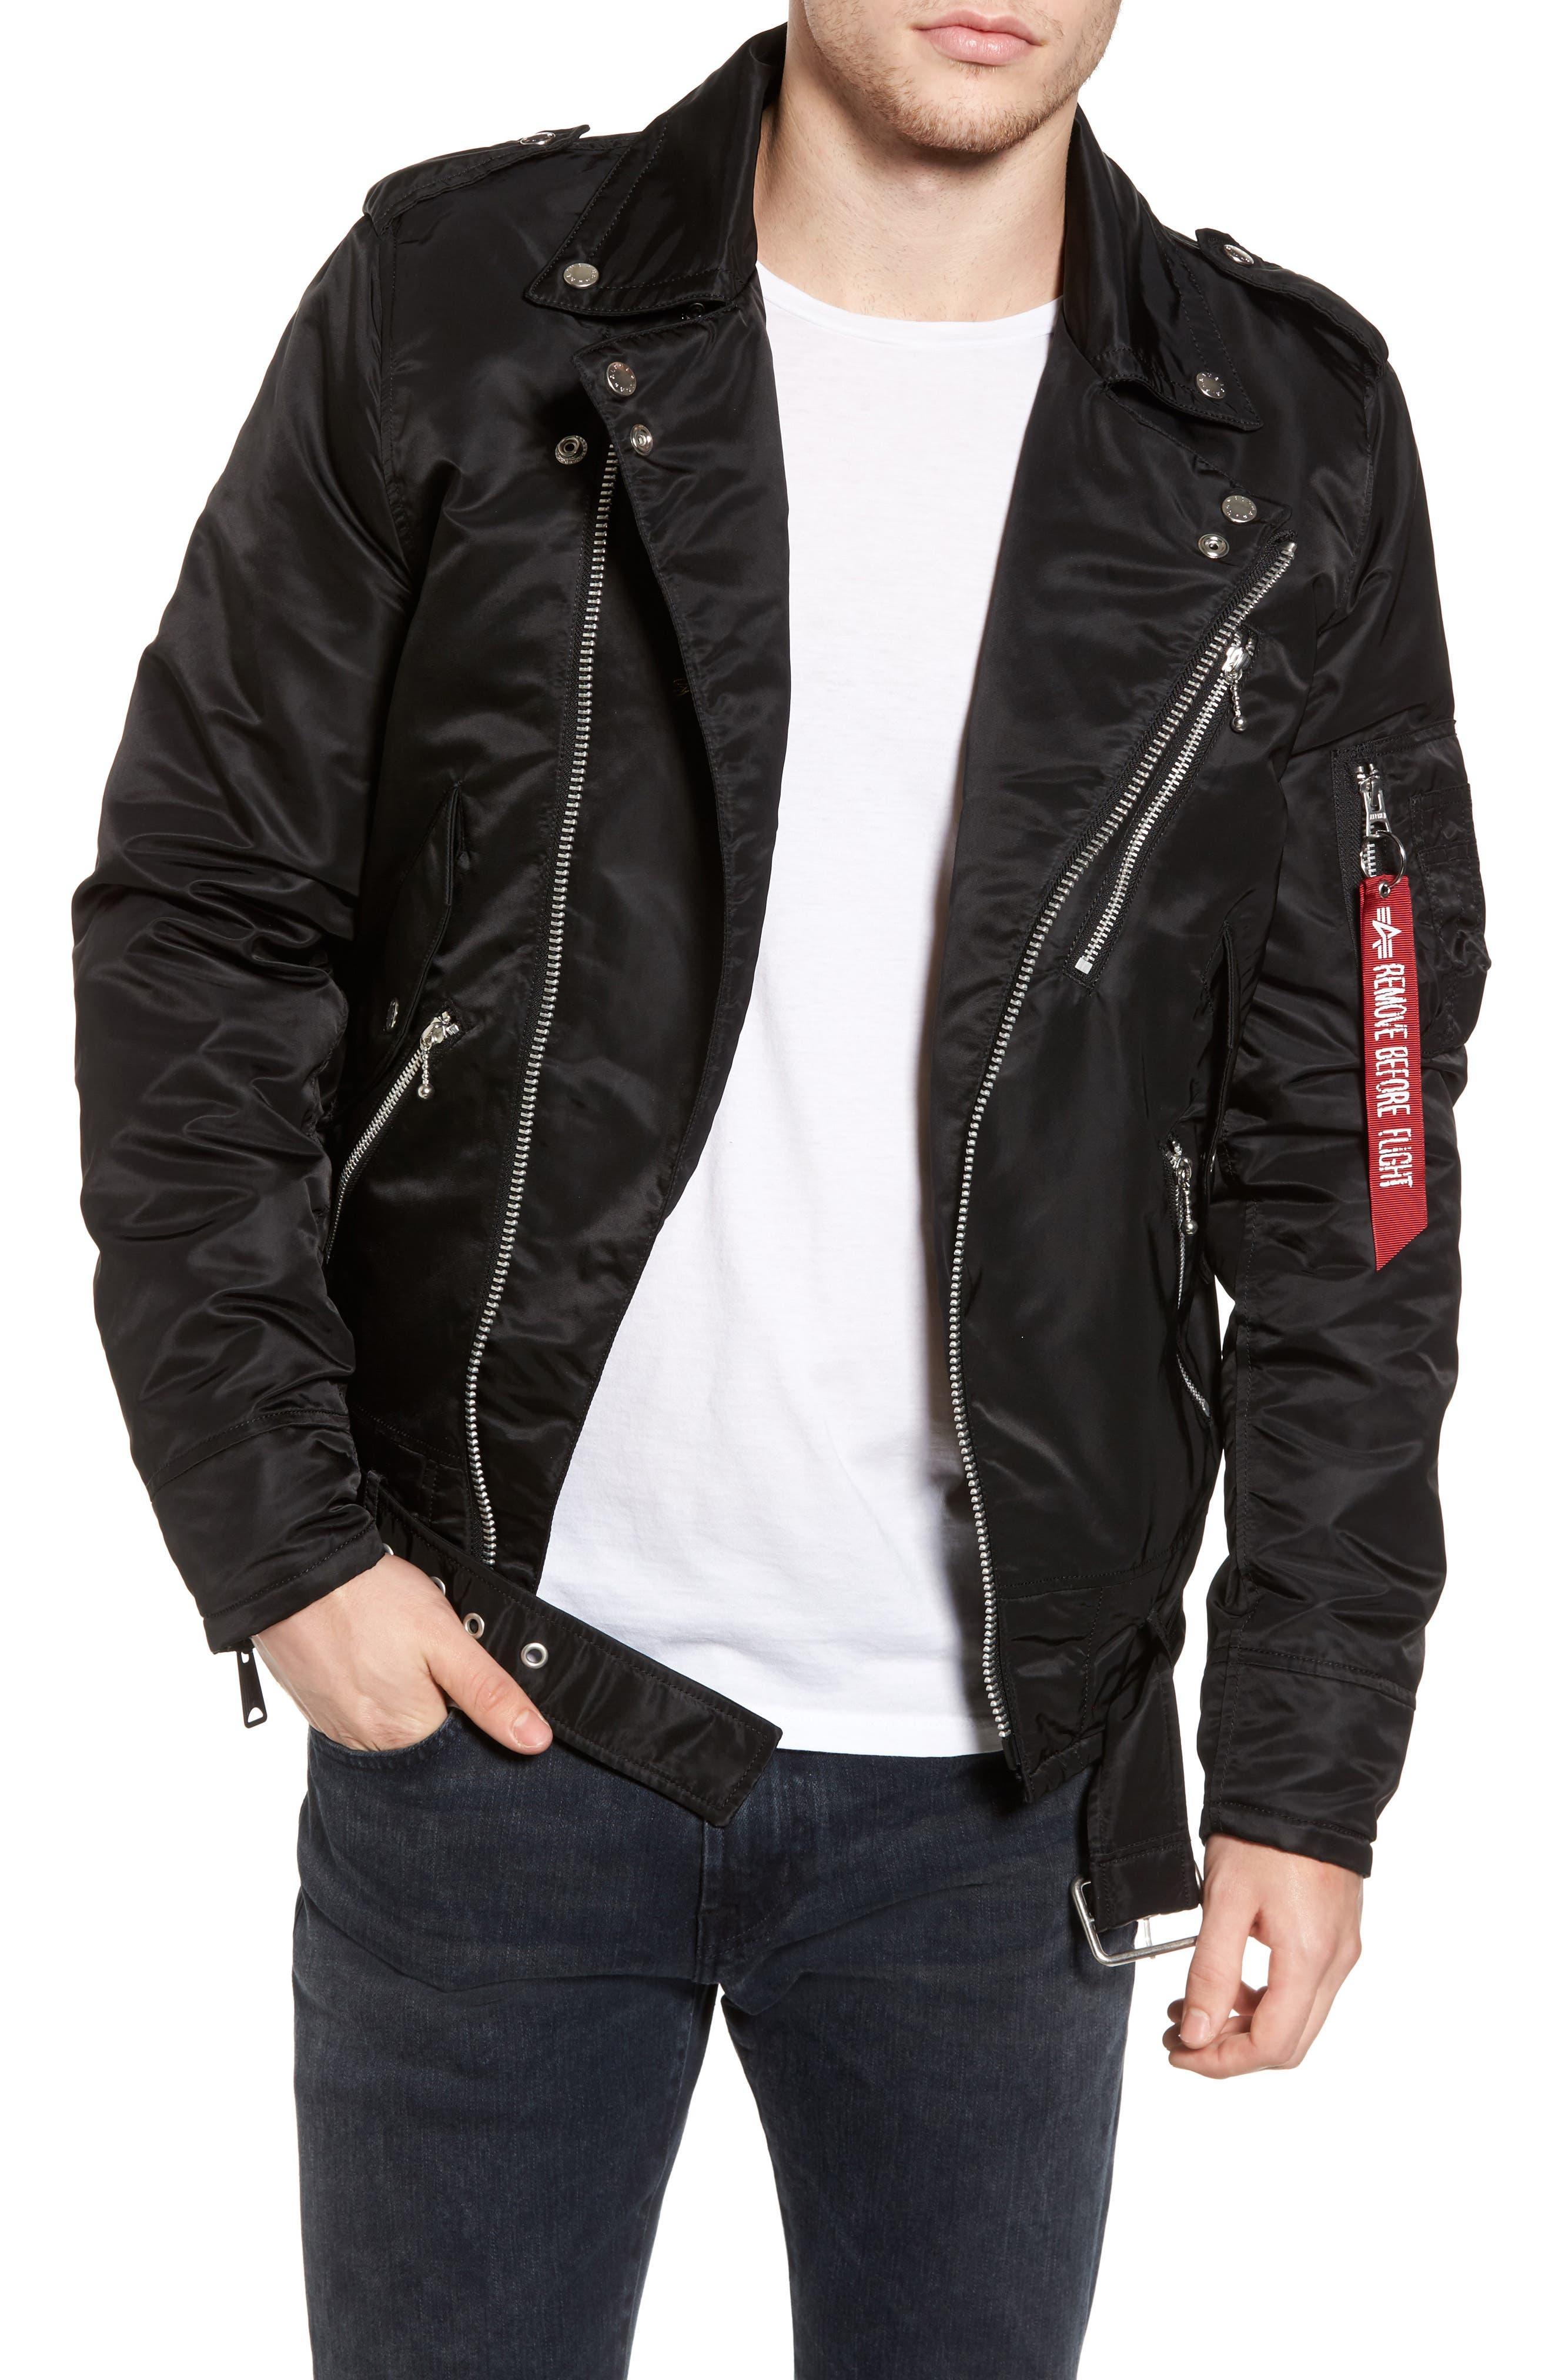 Alternate Image 1 Selected - Alpha Industries Outlaw Biker Jacket